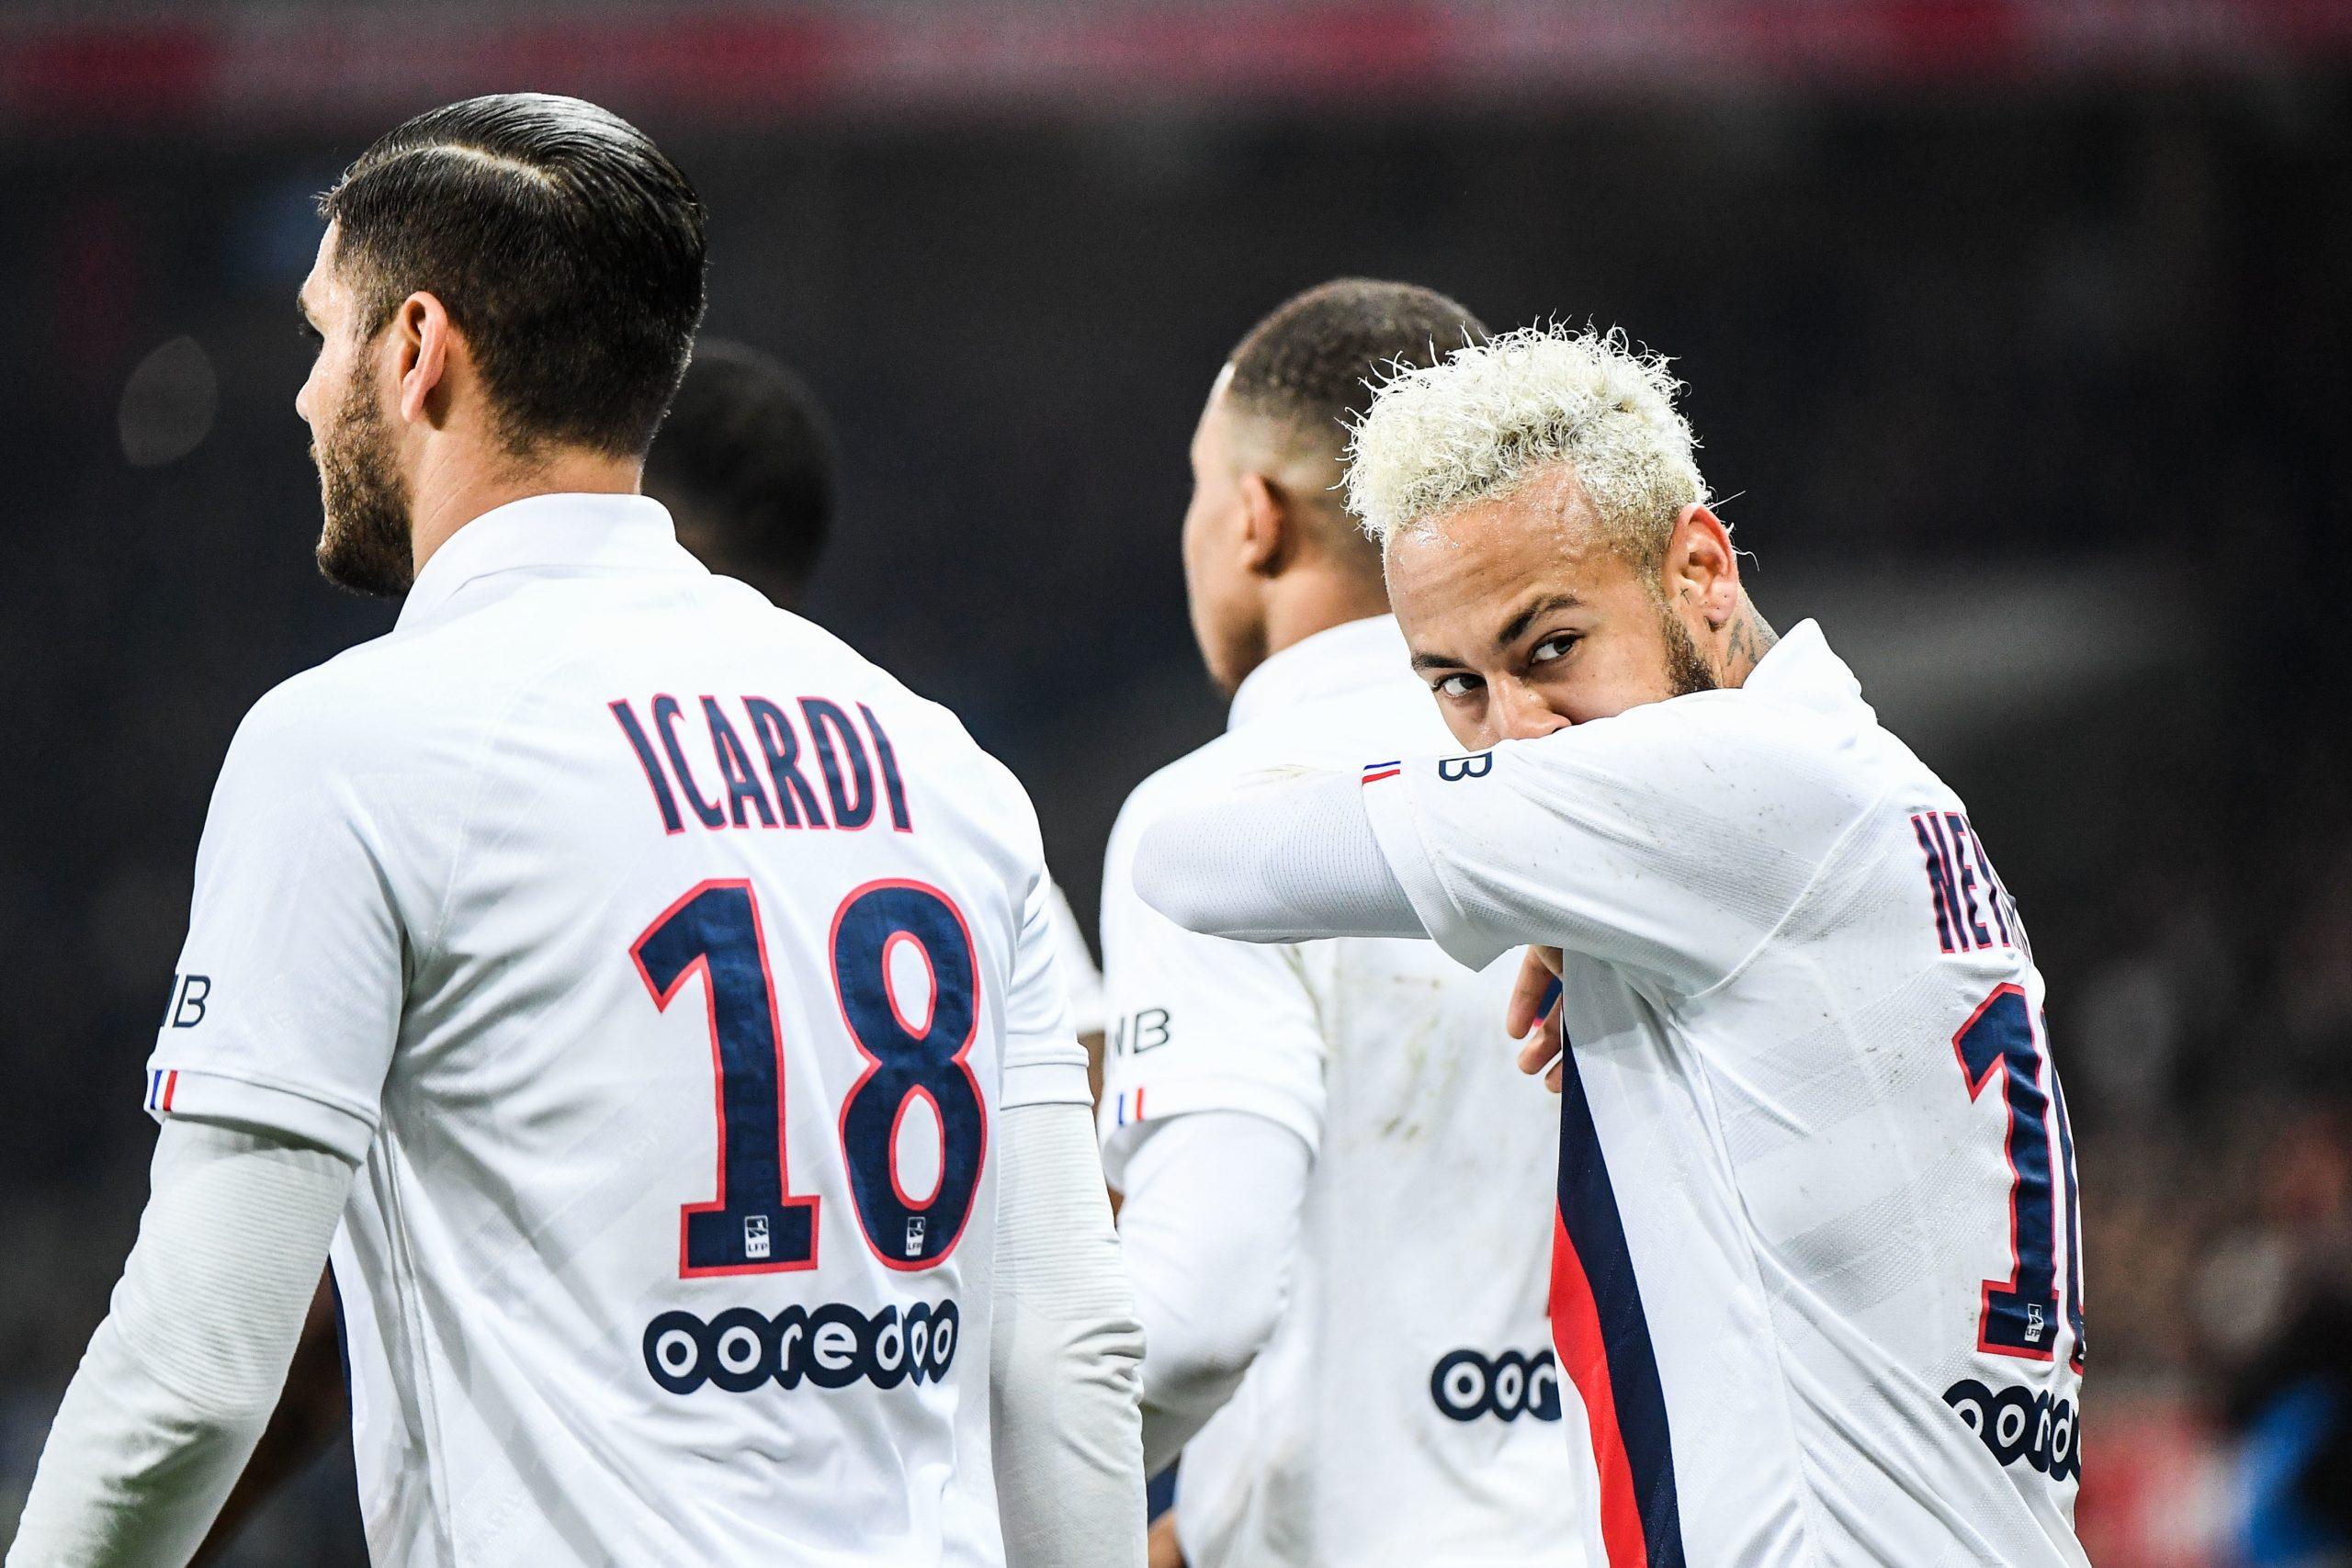 Le plus beau but du PSG cette saison, 2e manche : Neymar s'impose contre Sarabia